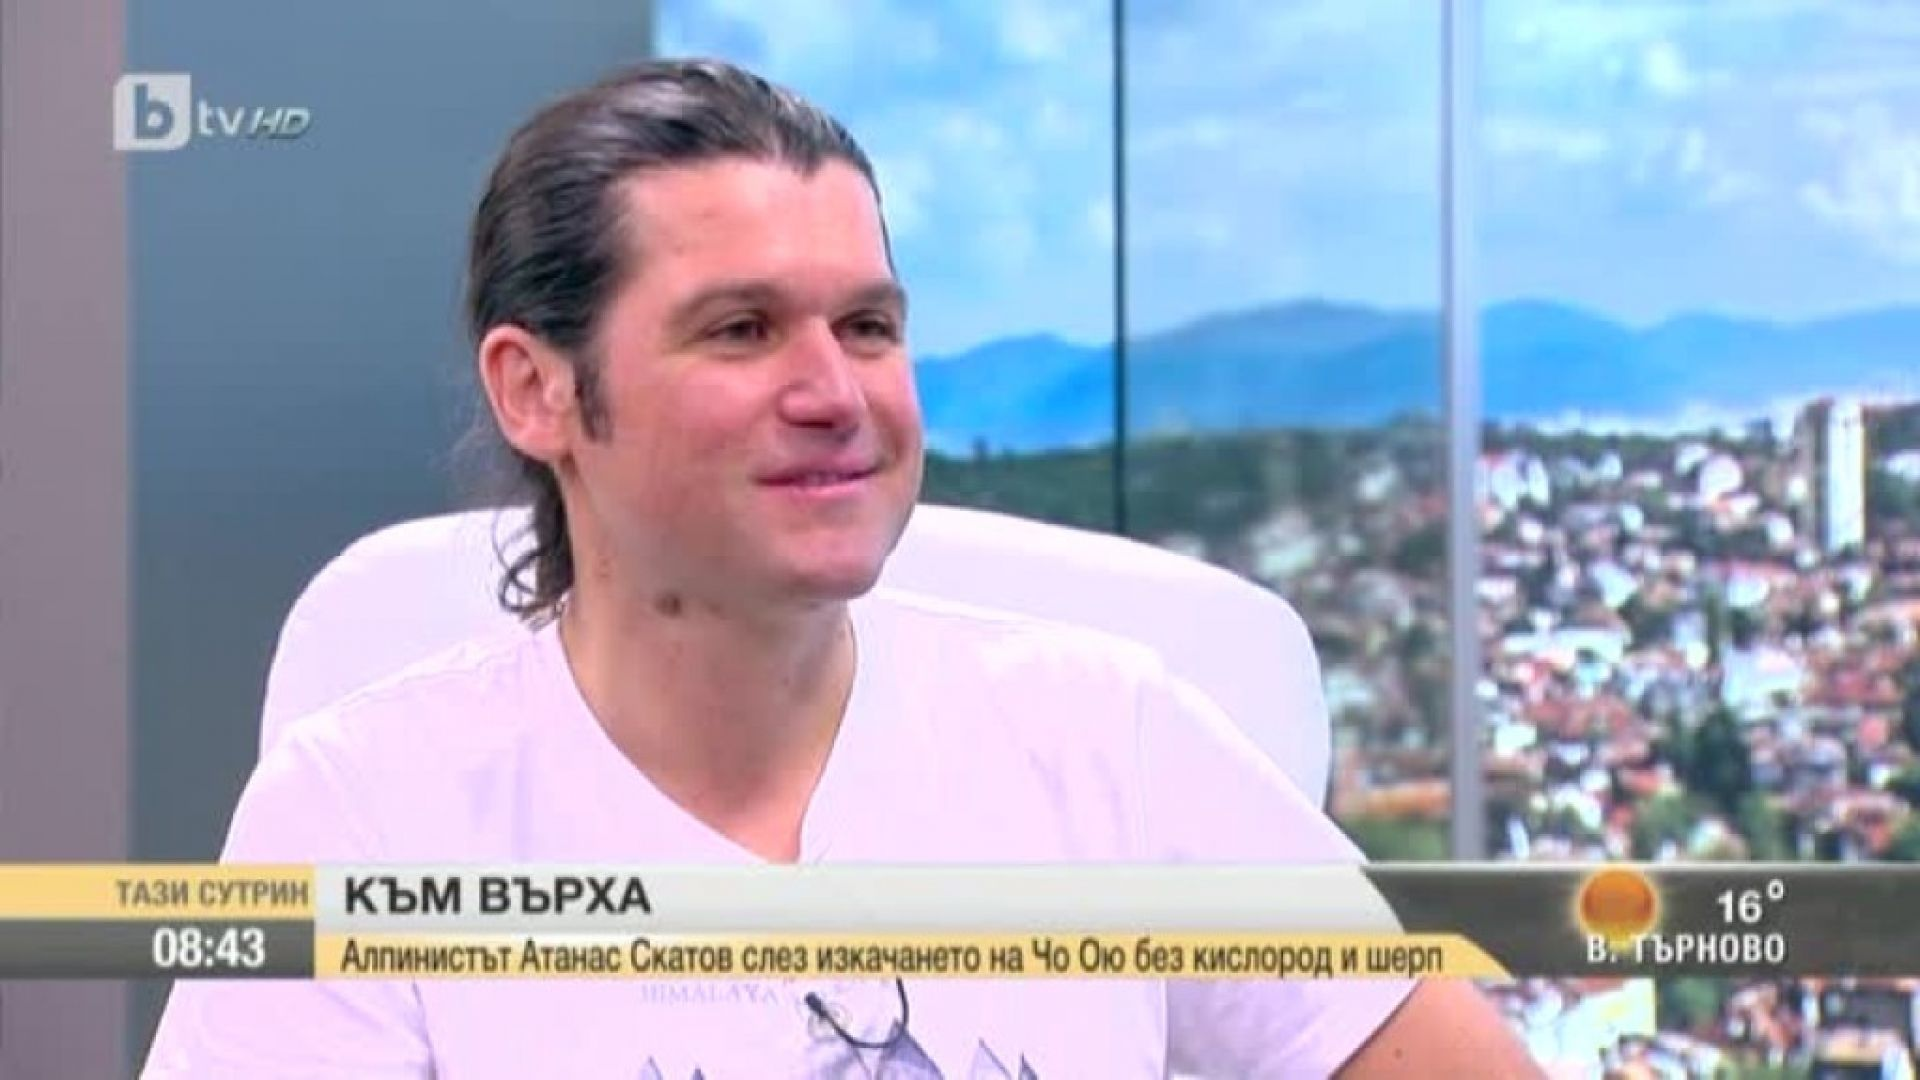 Атанас Скатов  се отказа от Еверест засега